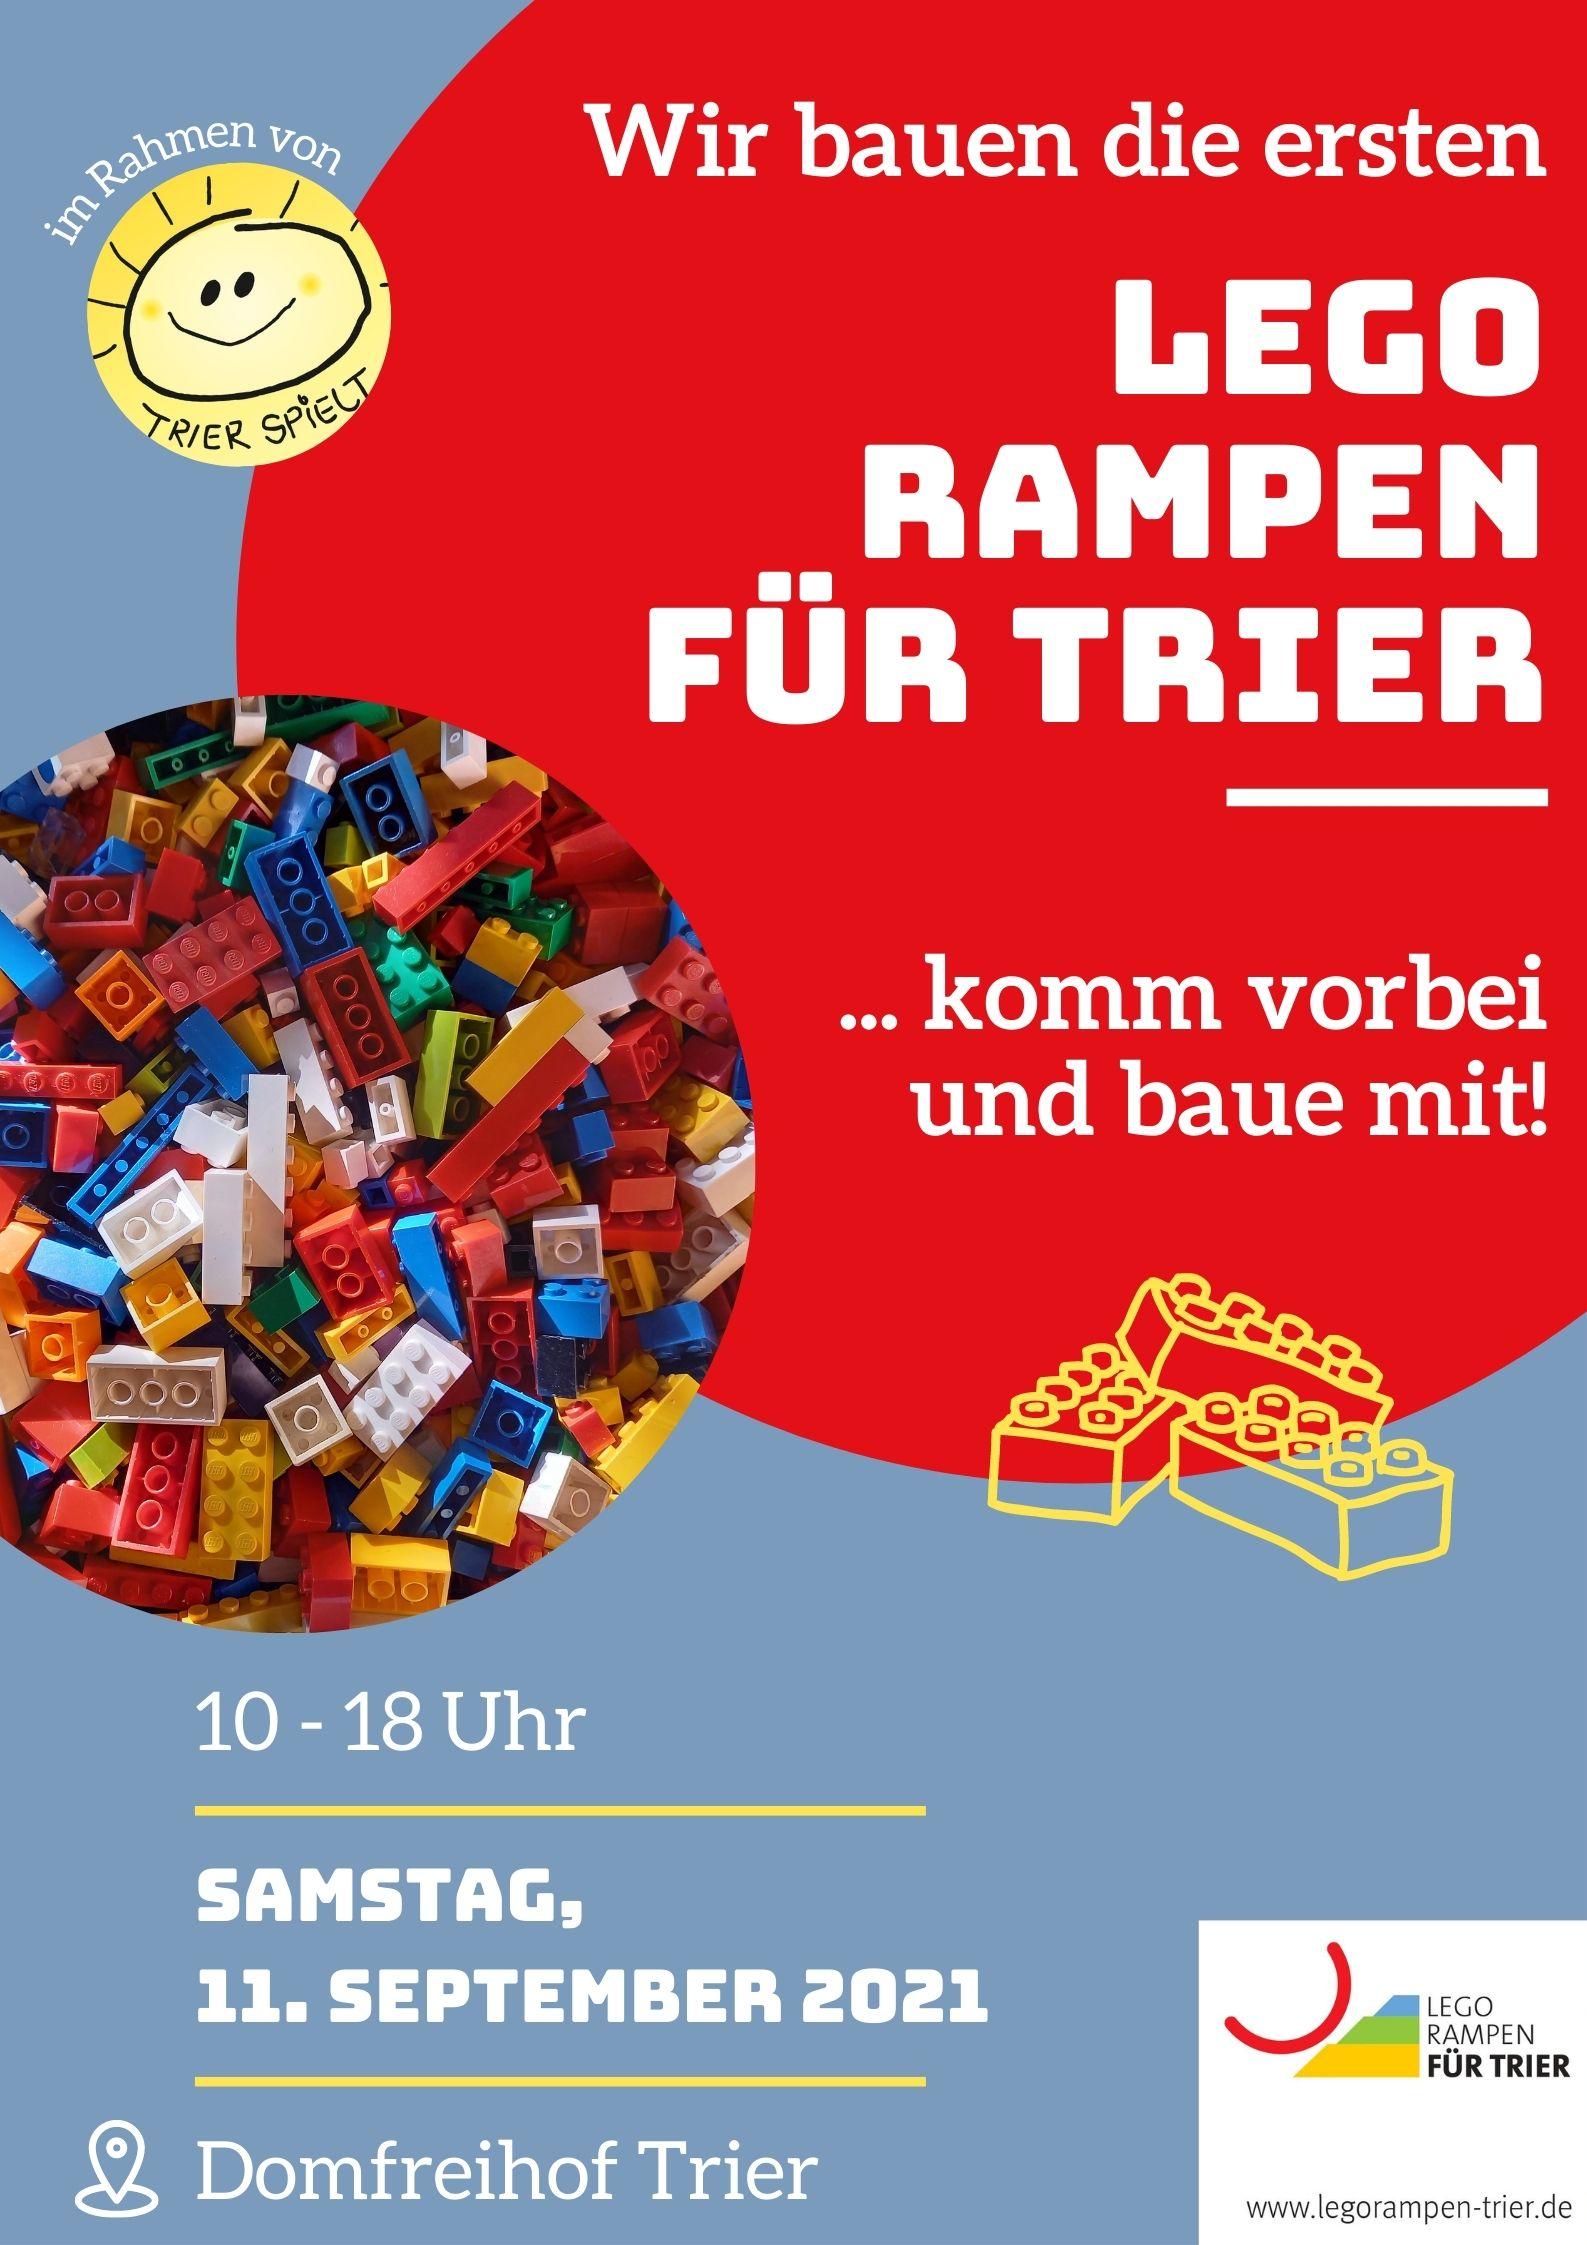 Info-Plakat: Samstag 11. September 2021 sind wir am Domfreihof Trier für einen Bautag im Rahmen von Trier Spielt.